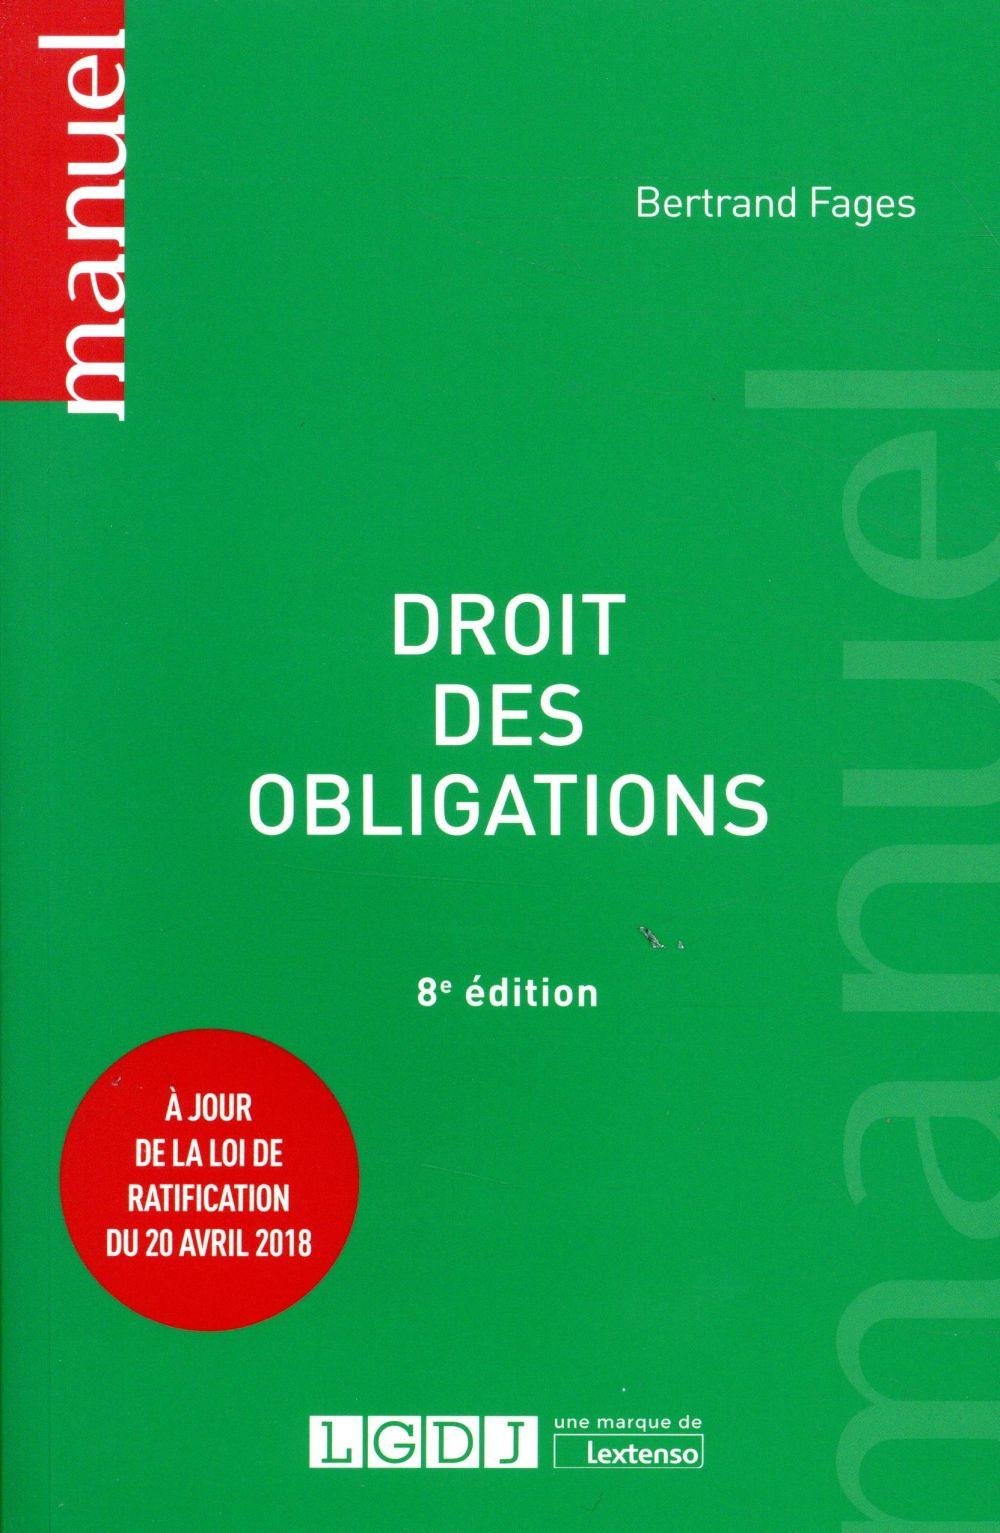 Droit des obligations (8e édition)